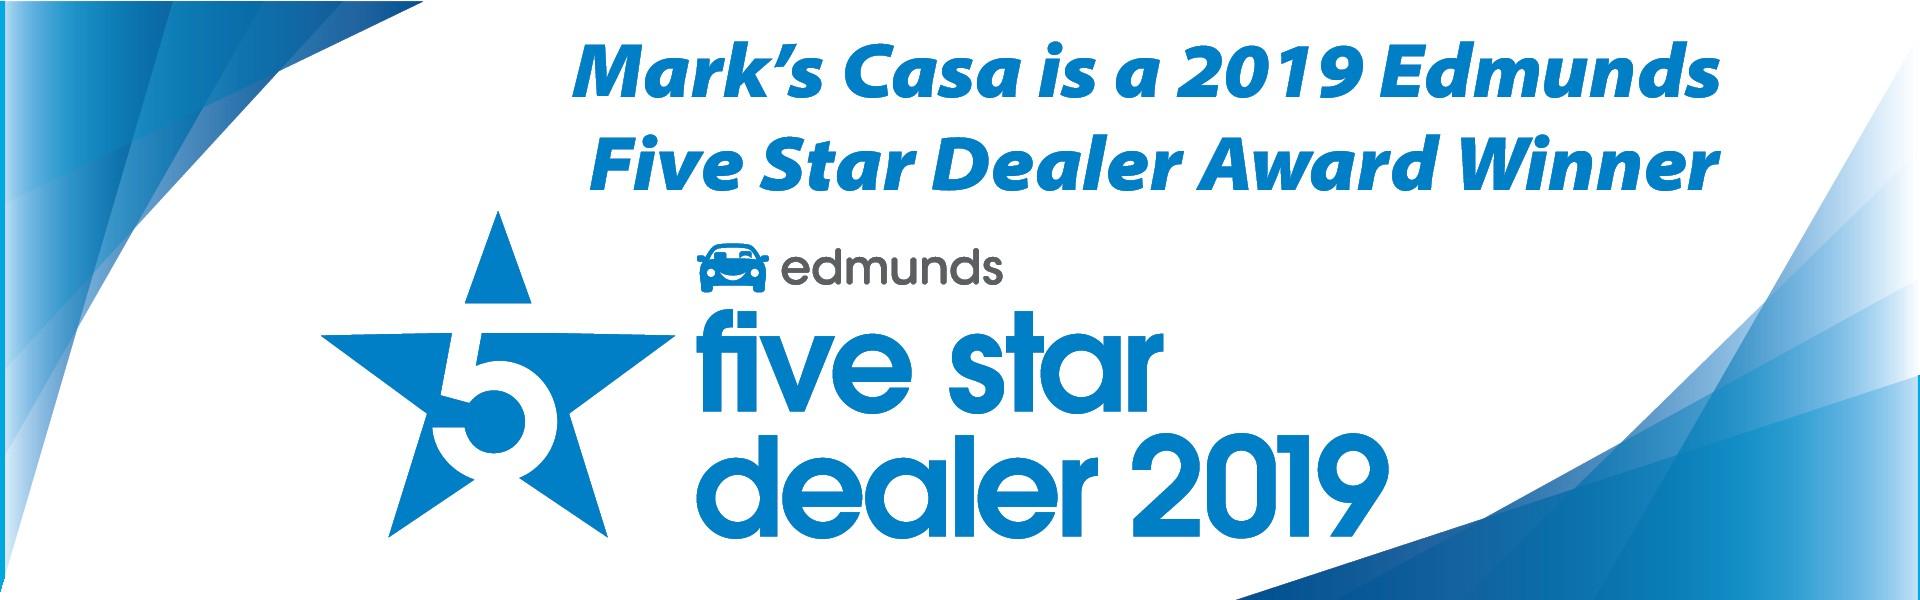 2019 Edmunds 5 Star Dealer Award